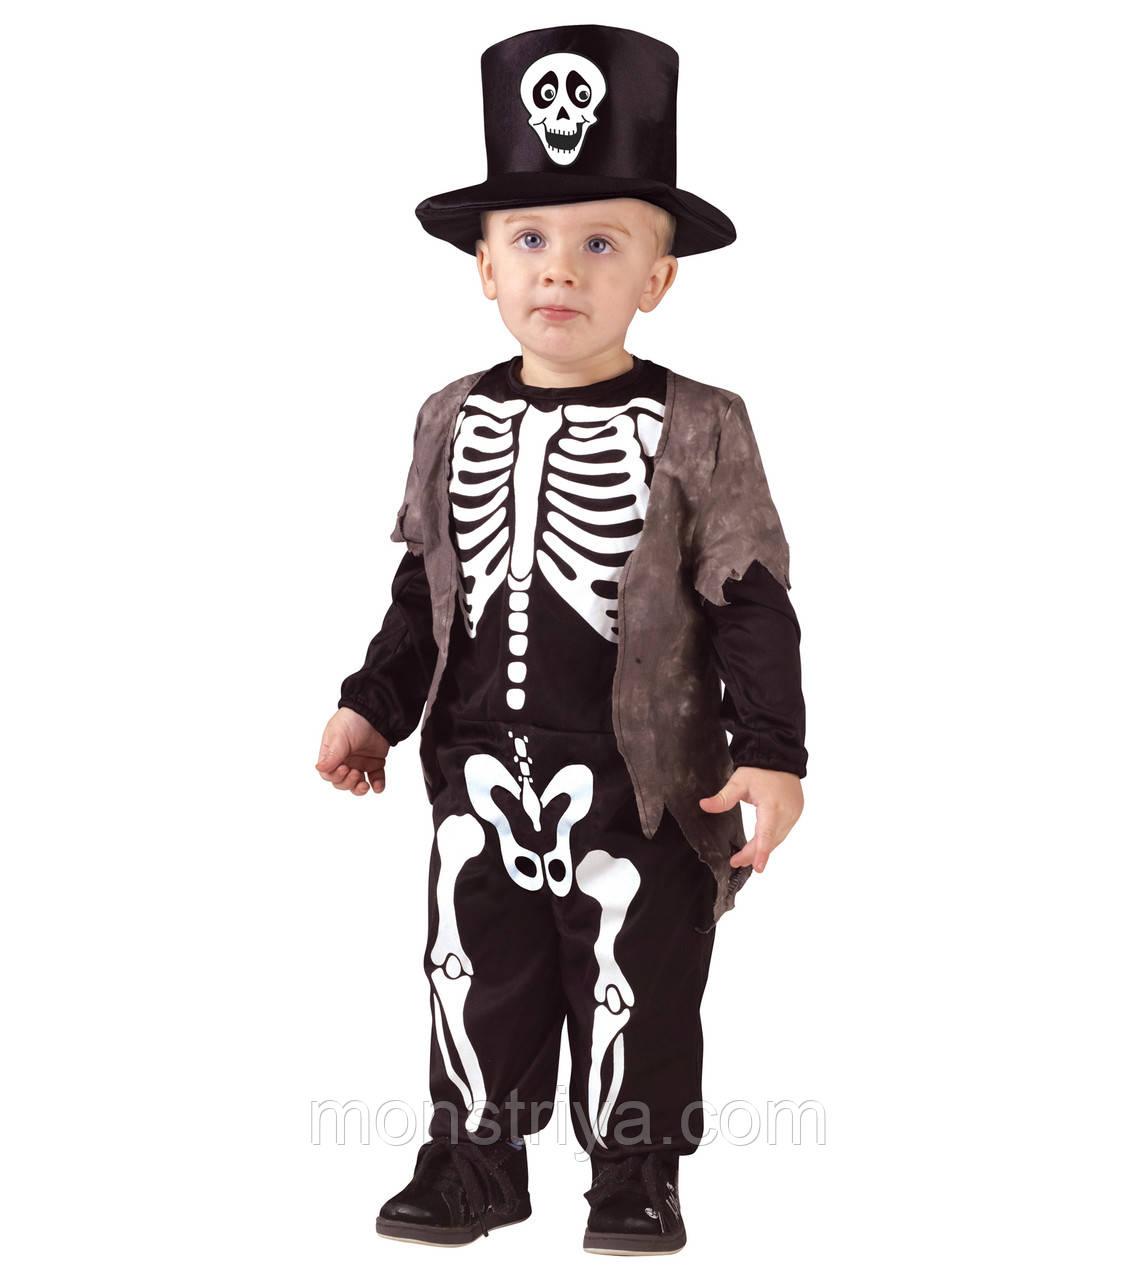 Детский Карнавальный Костюм Симпатичного СКЕЛЕТА на Хэллоуин